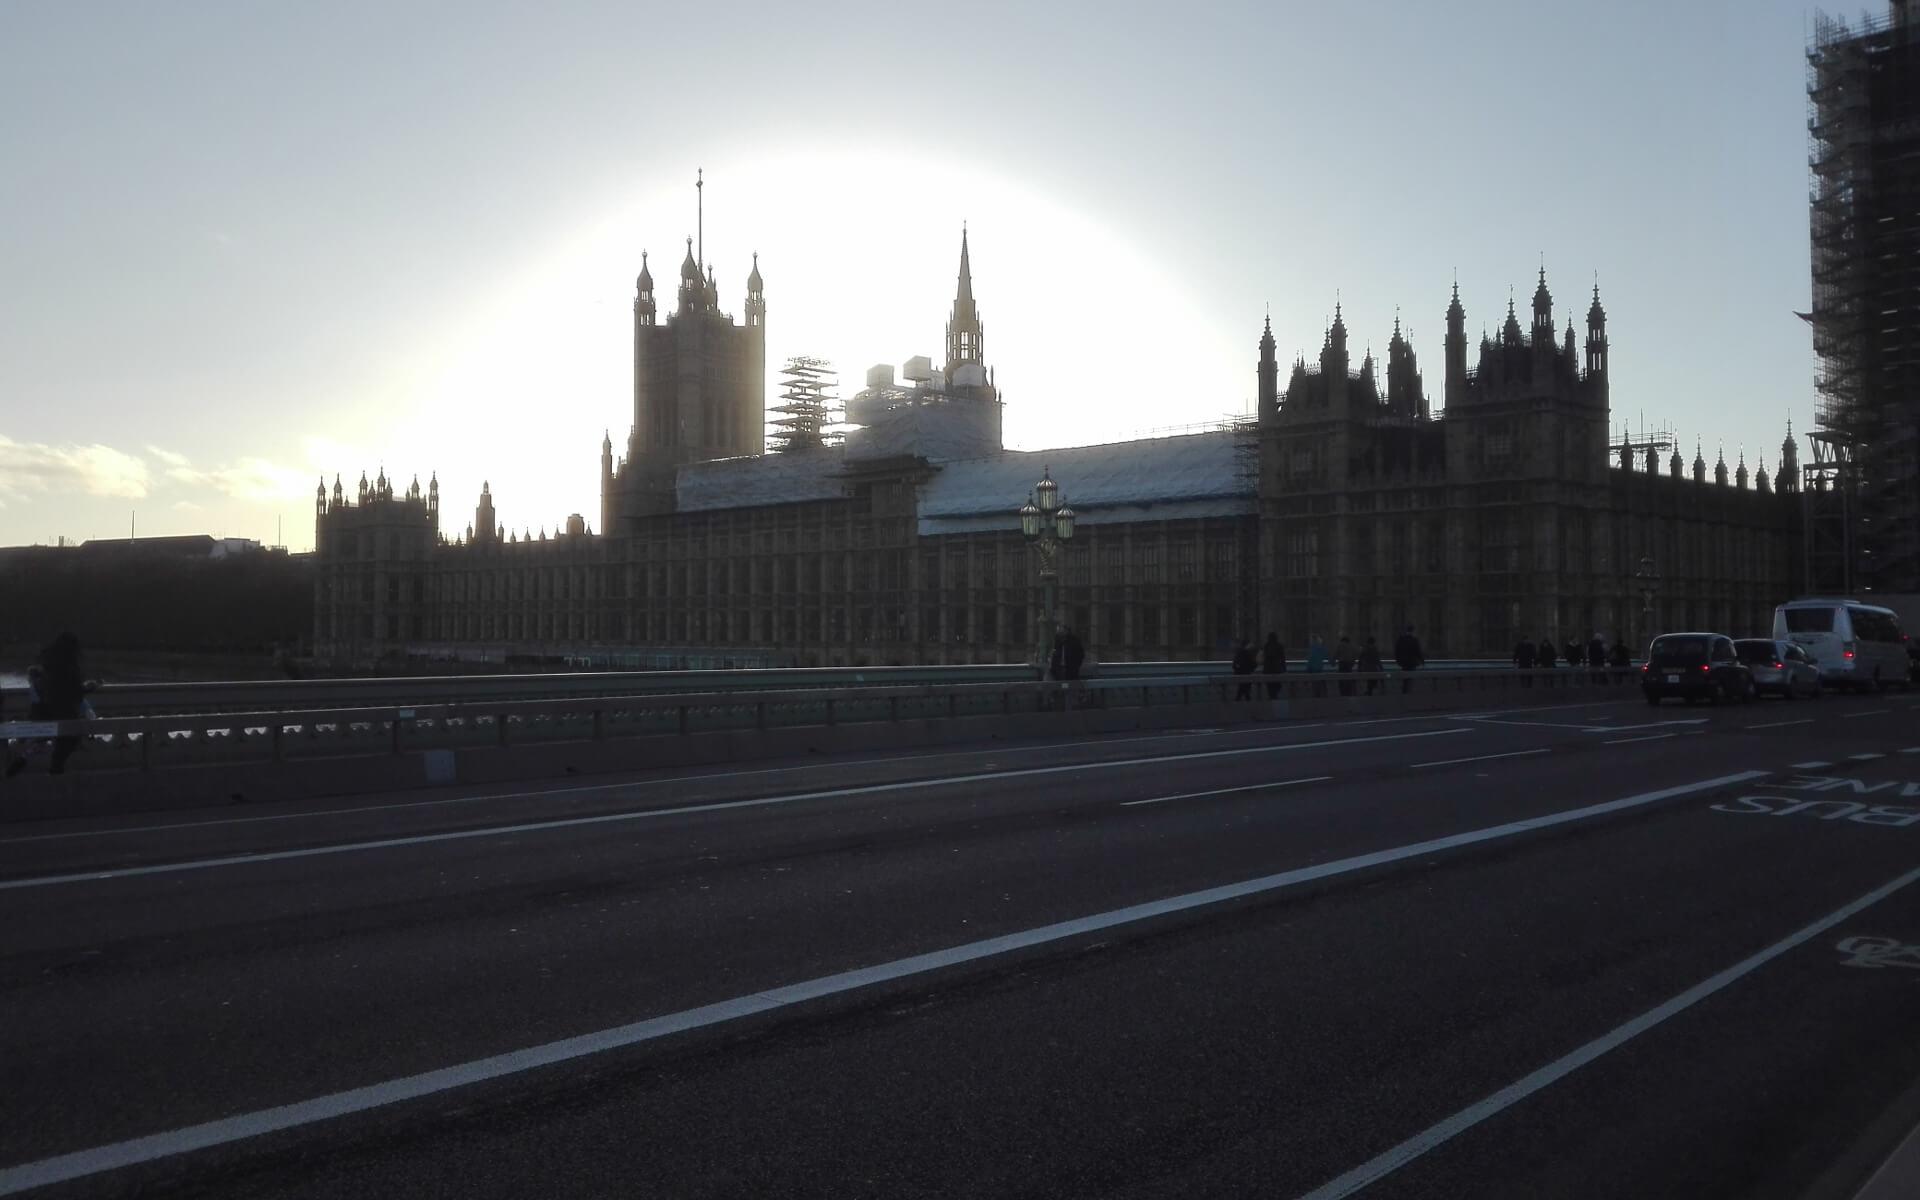 """Beitragsbild des Corporateblogs: """"Unsere Azubis berichten: Mein Praktikum in London - Die erste Woche"""""""